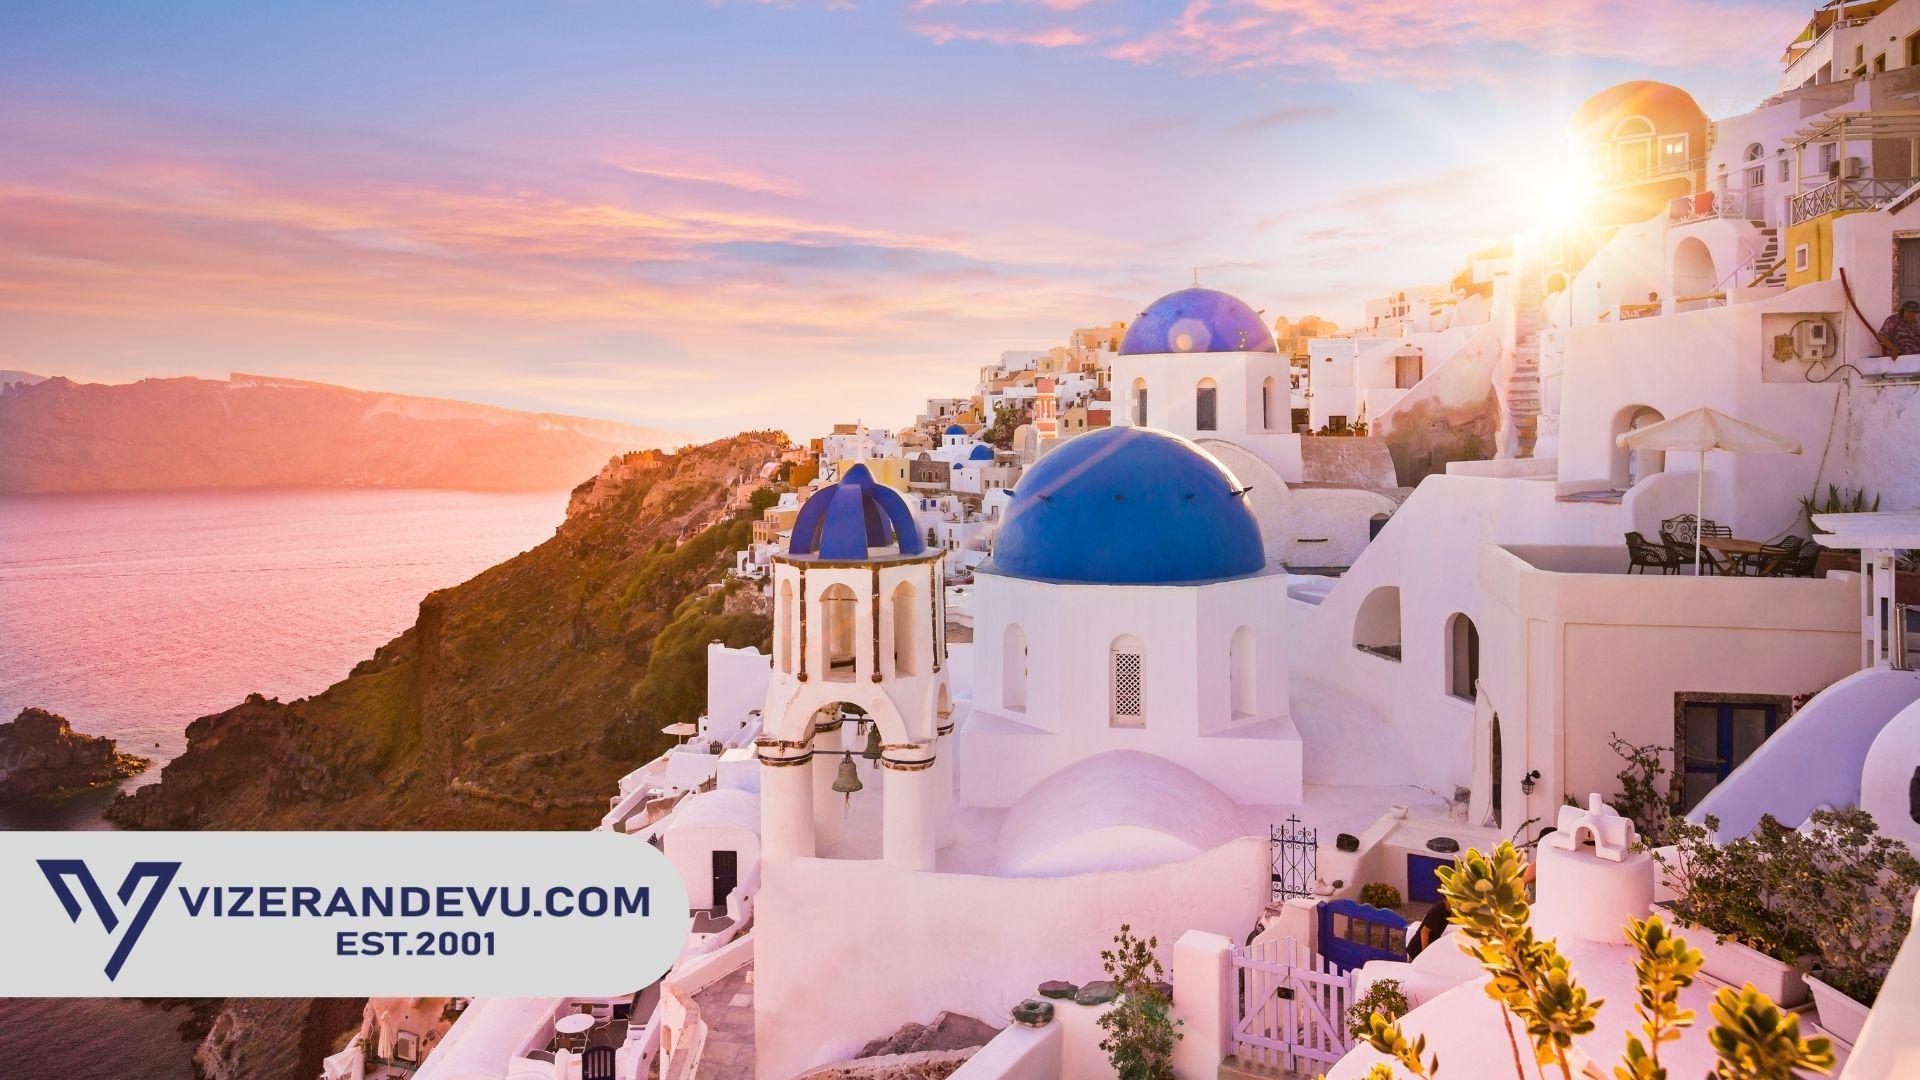 Yunanistan Vize Evrakları: Güncel Liste 2021